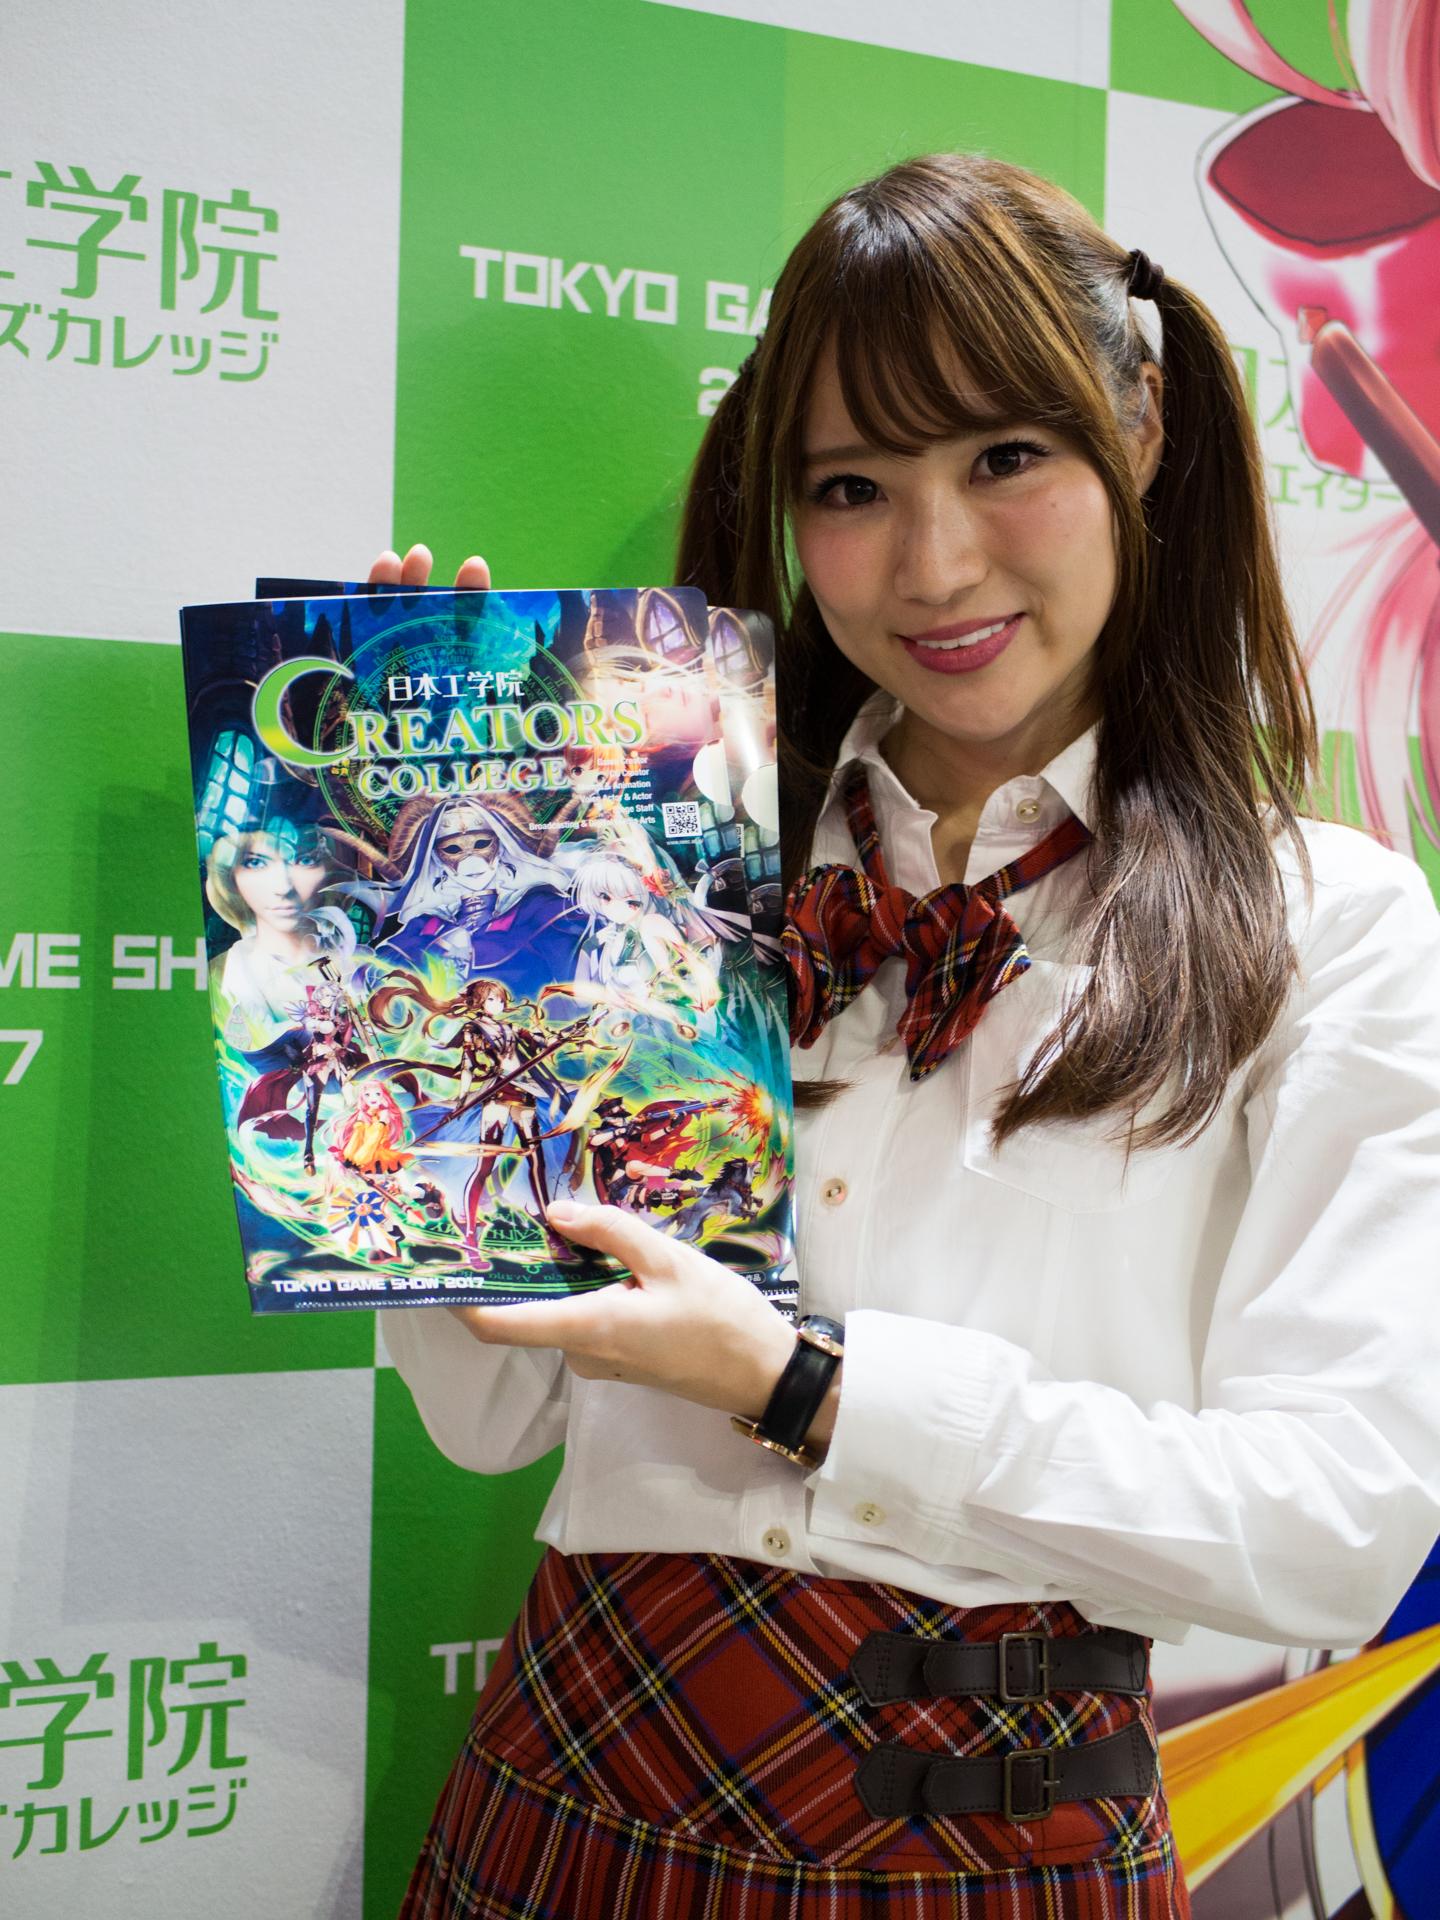 日本工学院 東京ゲームショウ2017